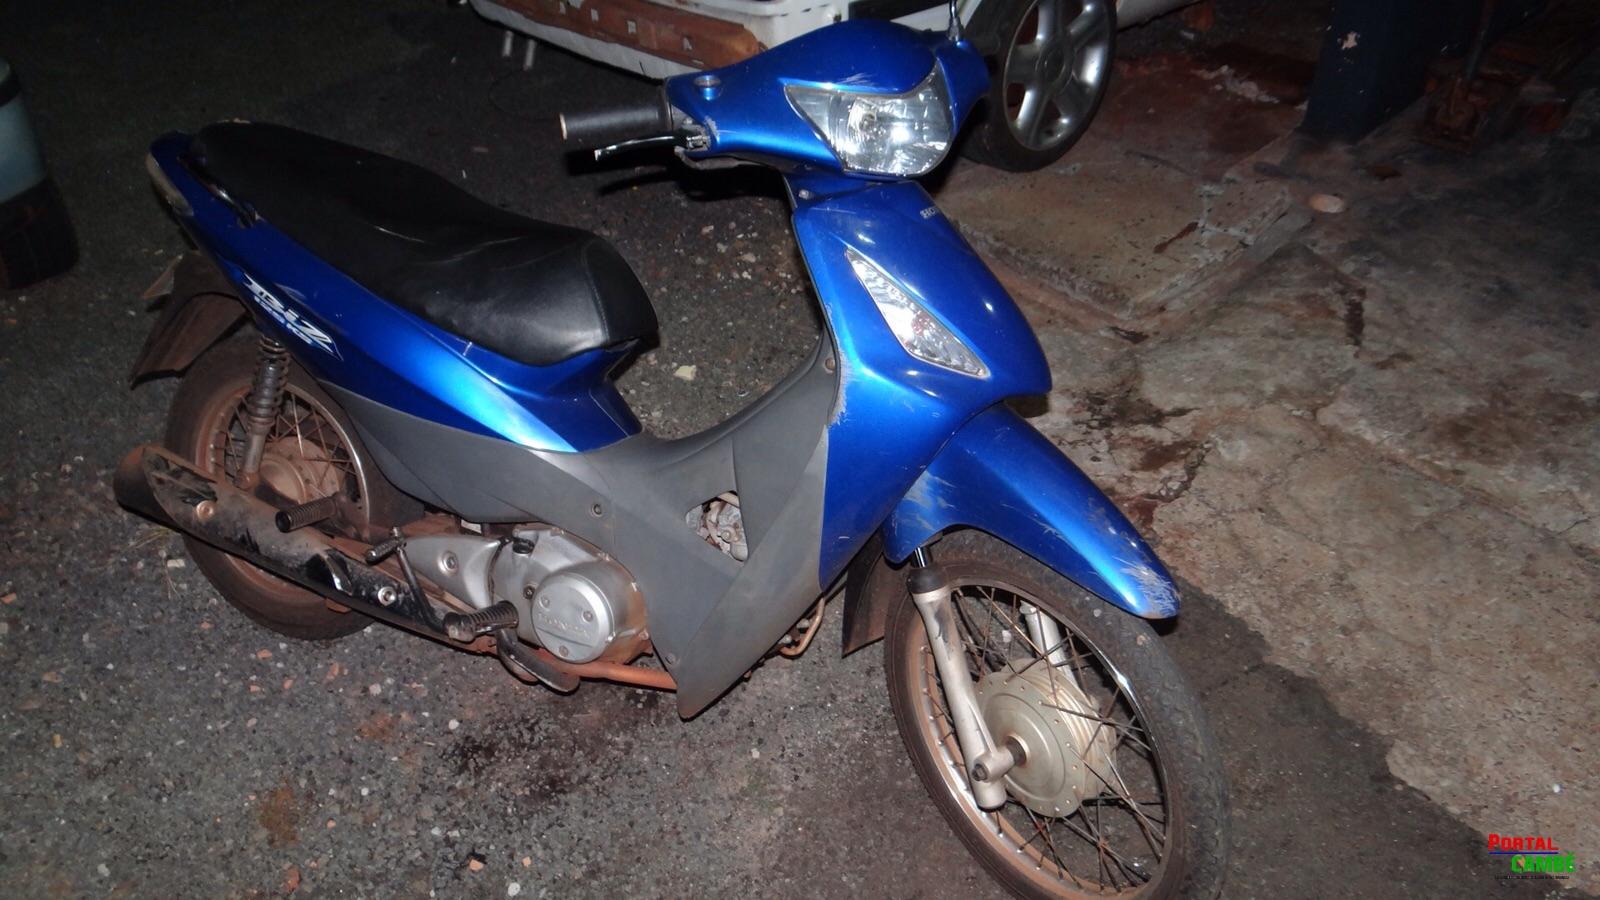 Motocicleta furtada em 2010 é recuperada pela Polícia Militar no Centro de Cambé